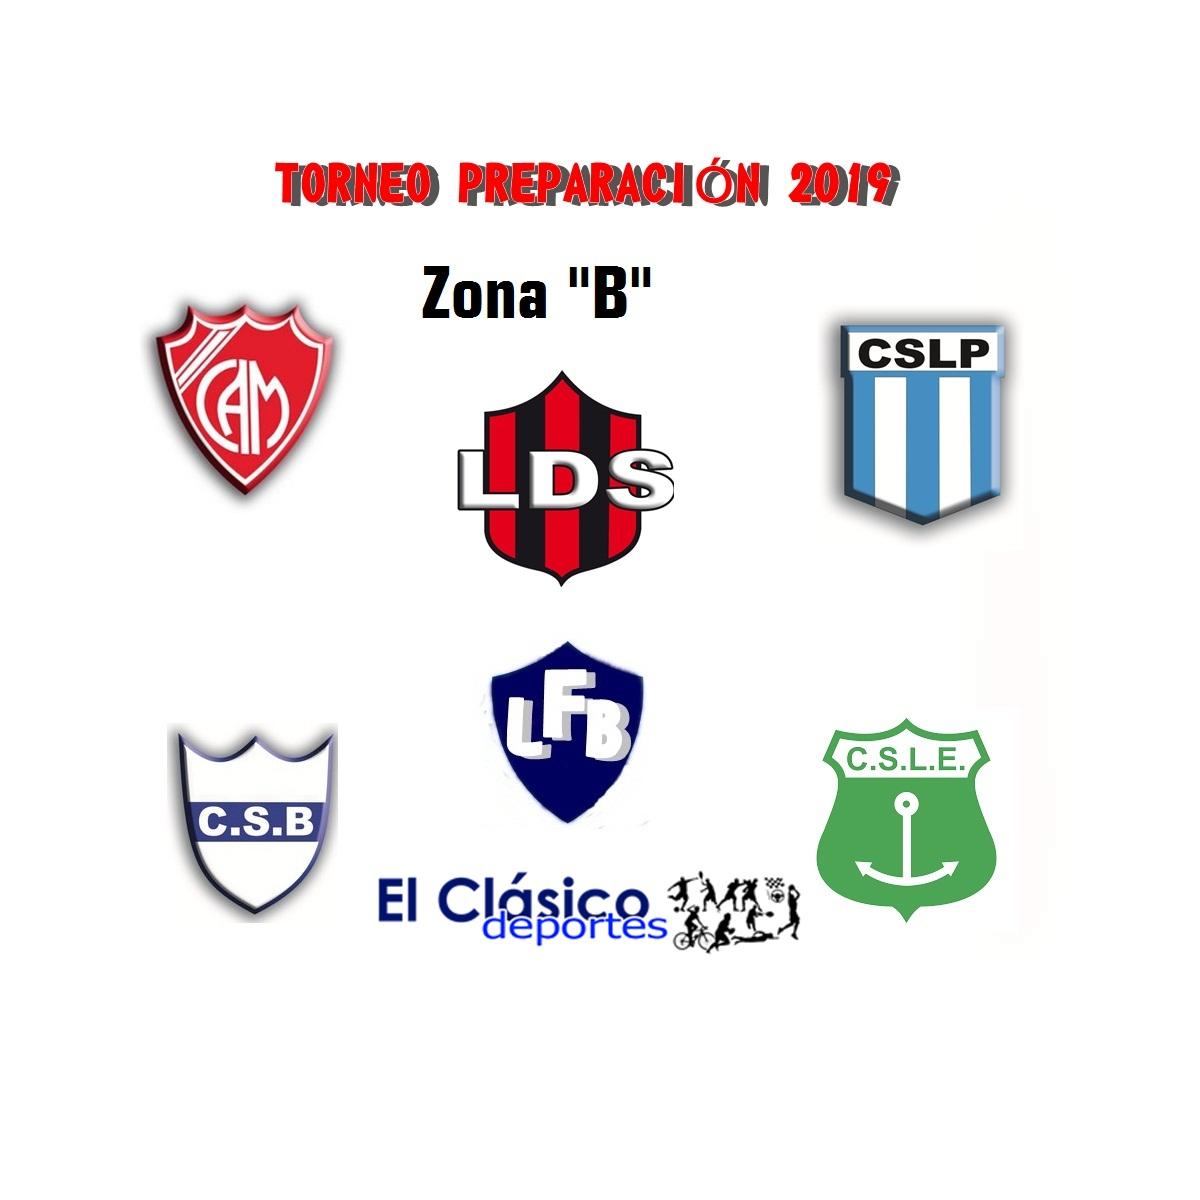 Torneo Preparación: Comenzó la zona B con triunfo de Las Palmeras ante La Esperanza e igualdad entre Sportivo y Mitre